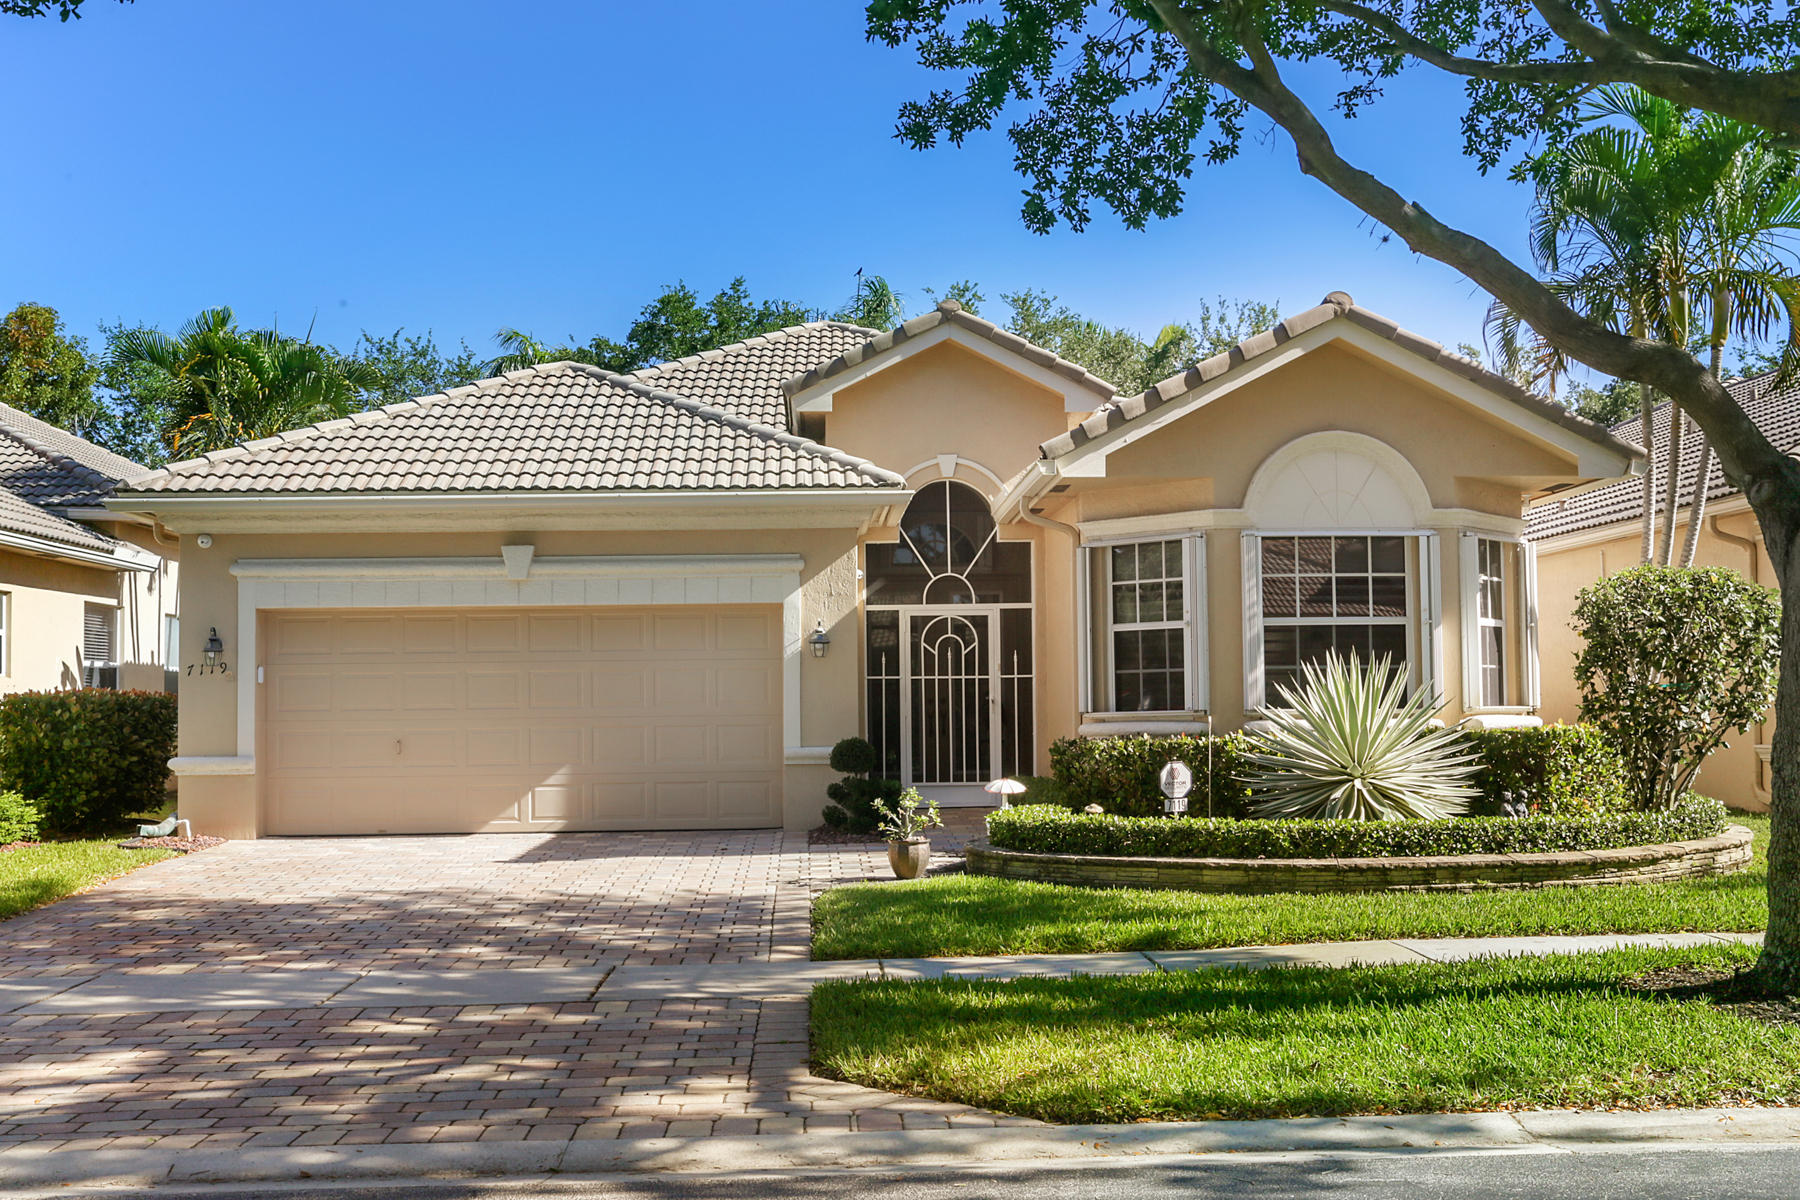 7119 Vesuvio Place, Boynton Beach, Florida 33437, 3 Bedrooms Bedrooms, ,2 BathroomsBathrooms,Single Family,For Sale,Mizner Falls,Vesuvio,RX-10523455